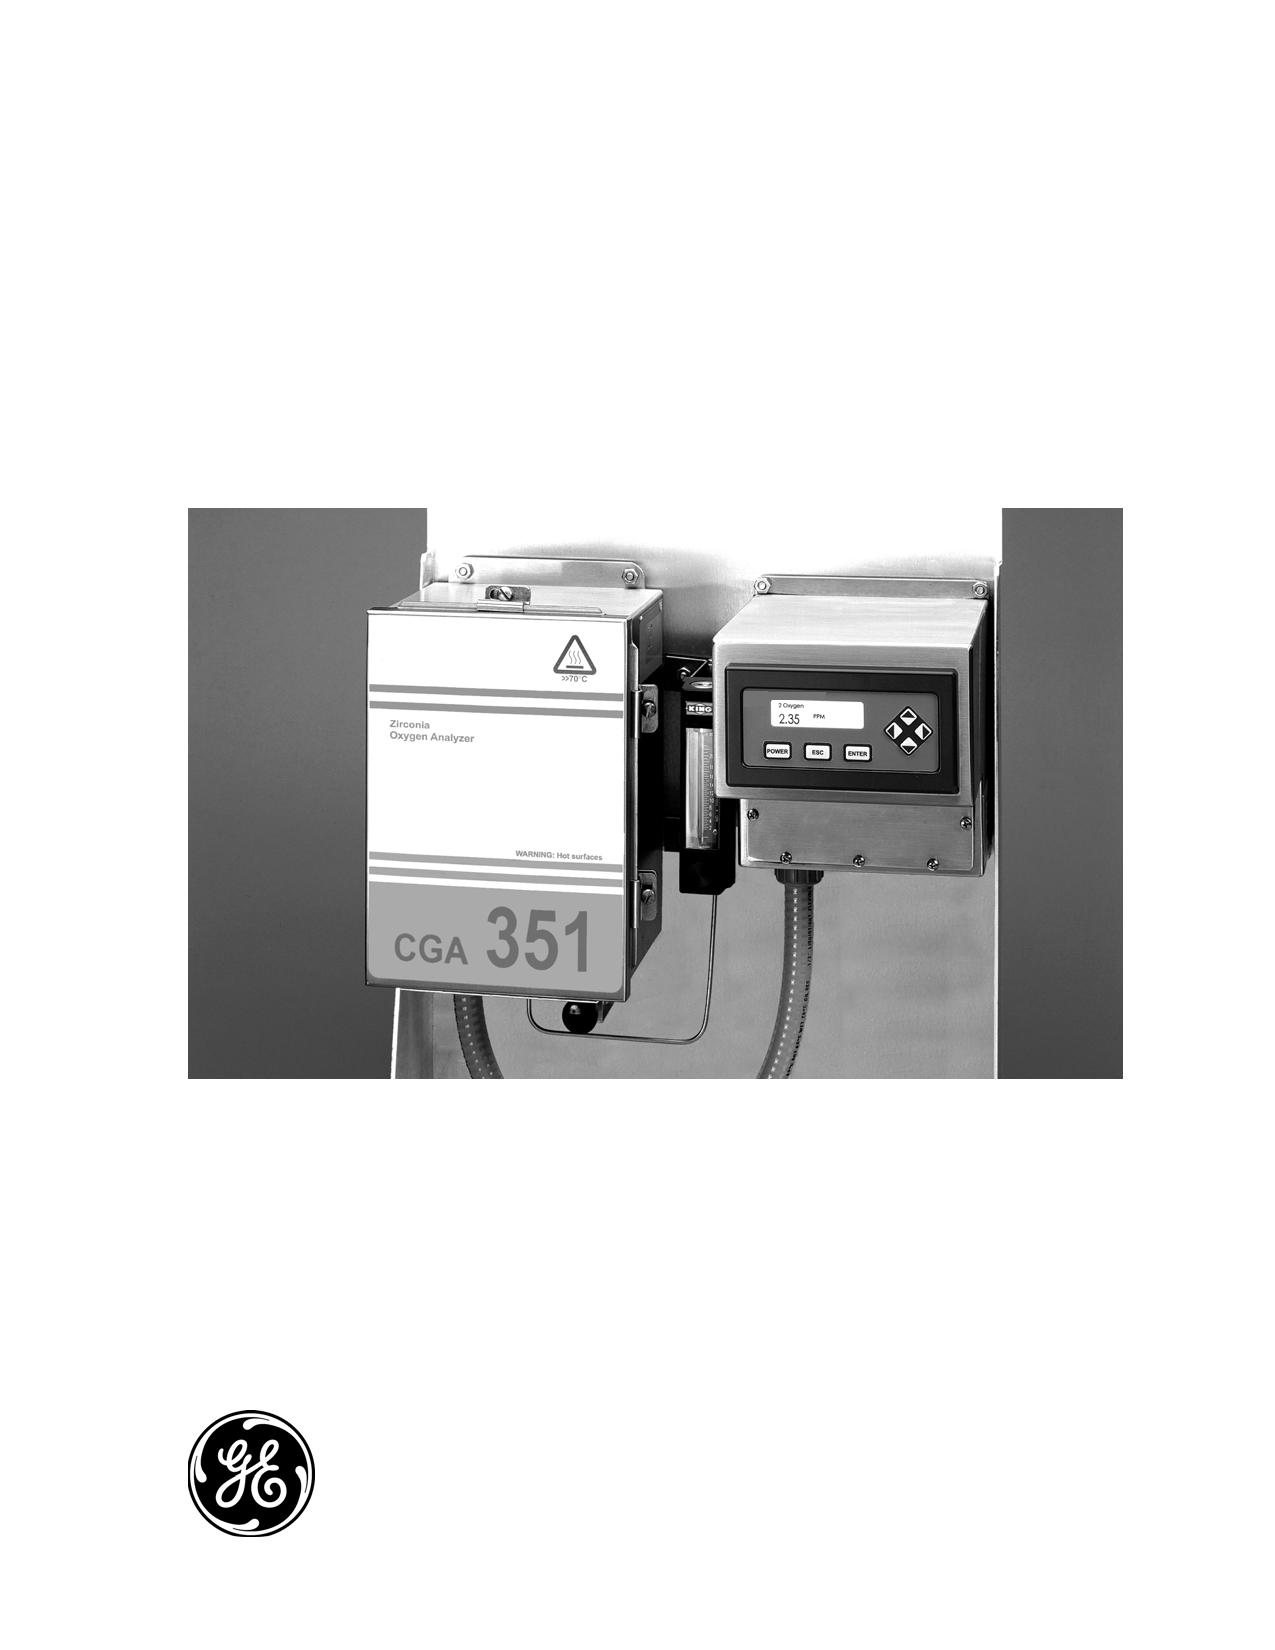 703-1320-02 دیتاشیت PDF